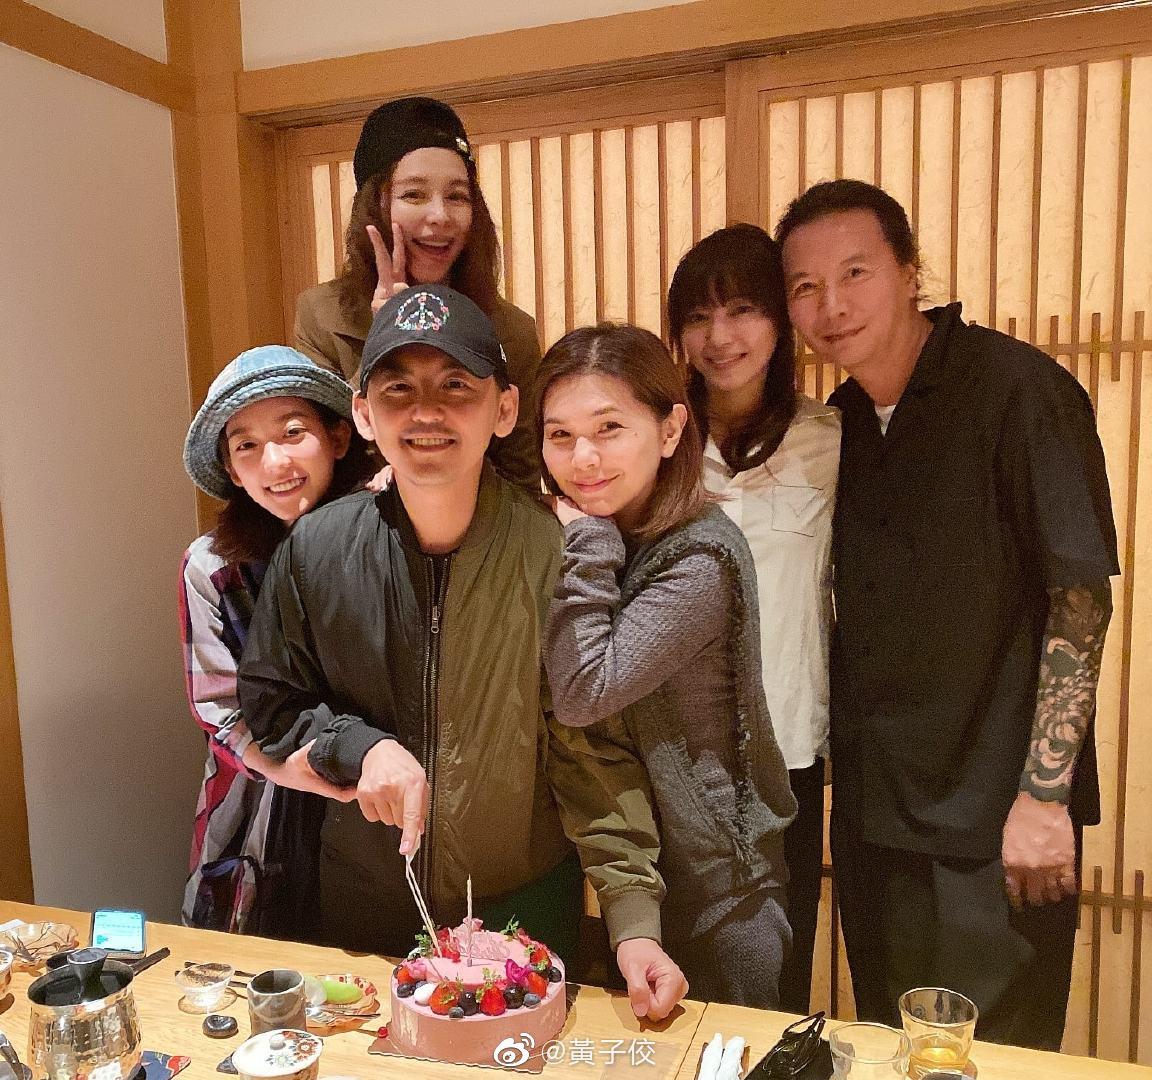 姐 老師夫婦本來我以為是個小飯局謝謝徐若瑄認識三十年美